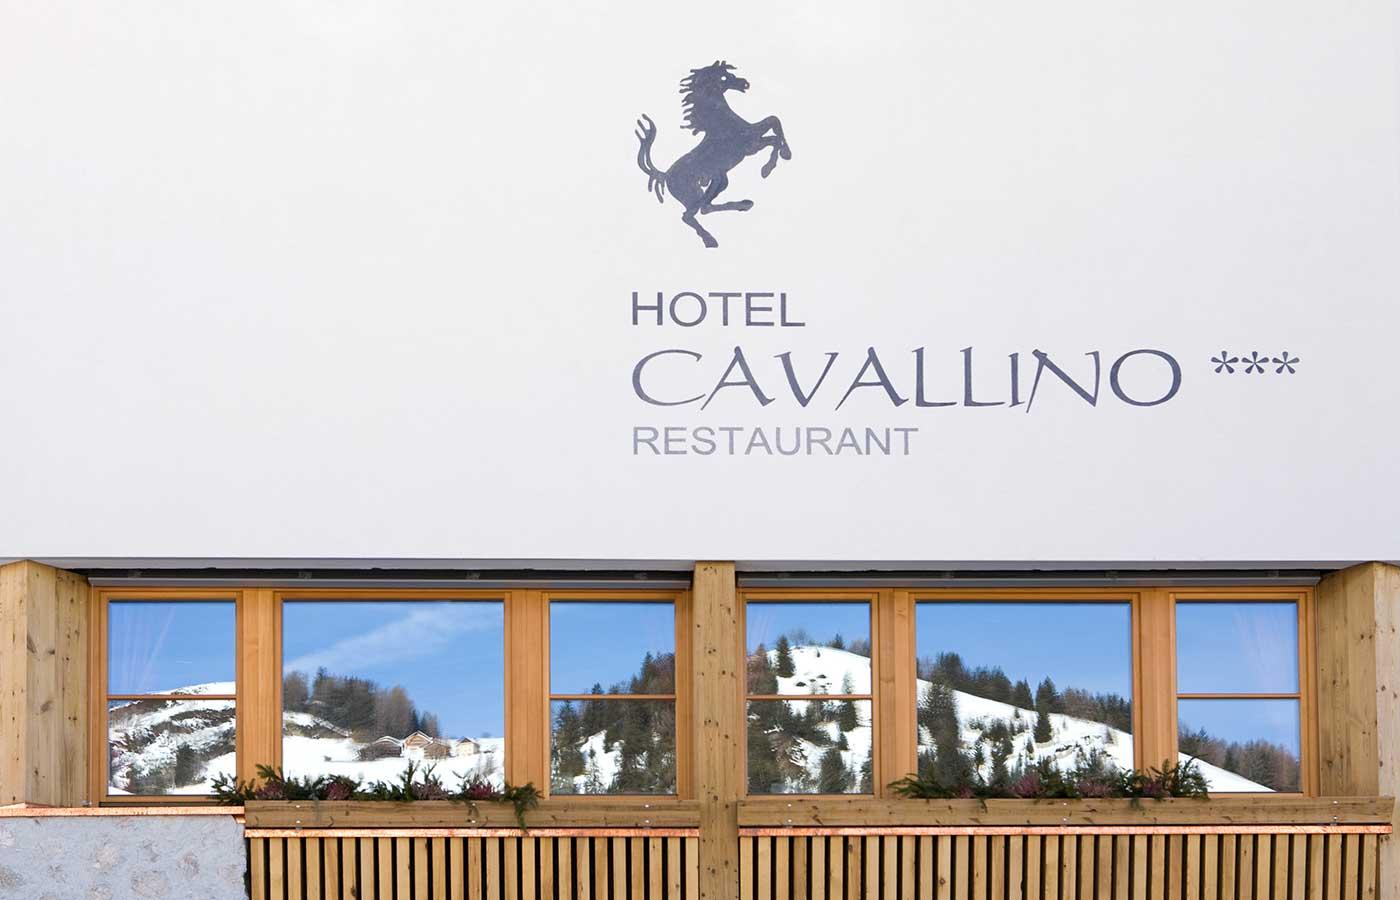 Hotel Cavallino San Leonardo Pedraces